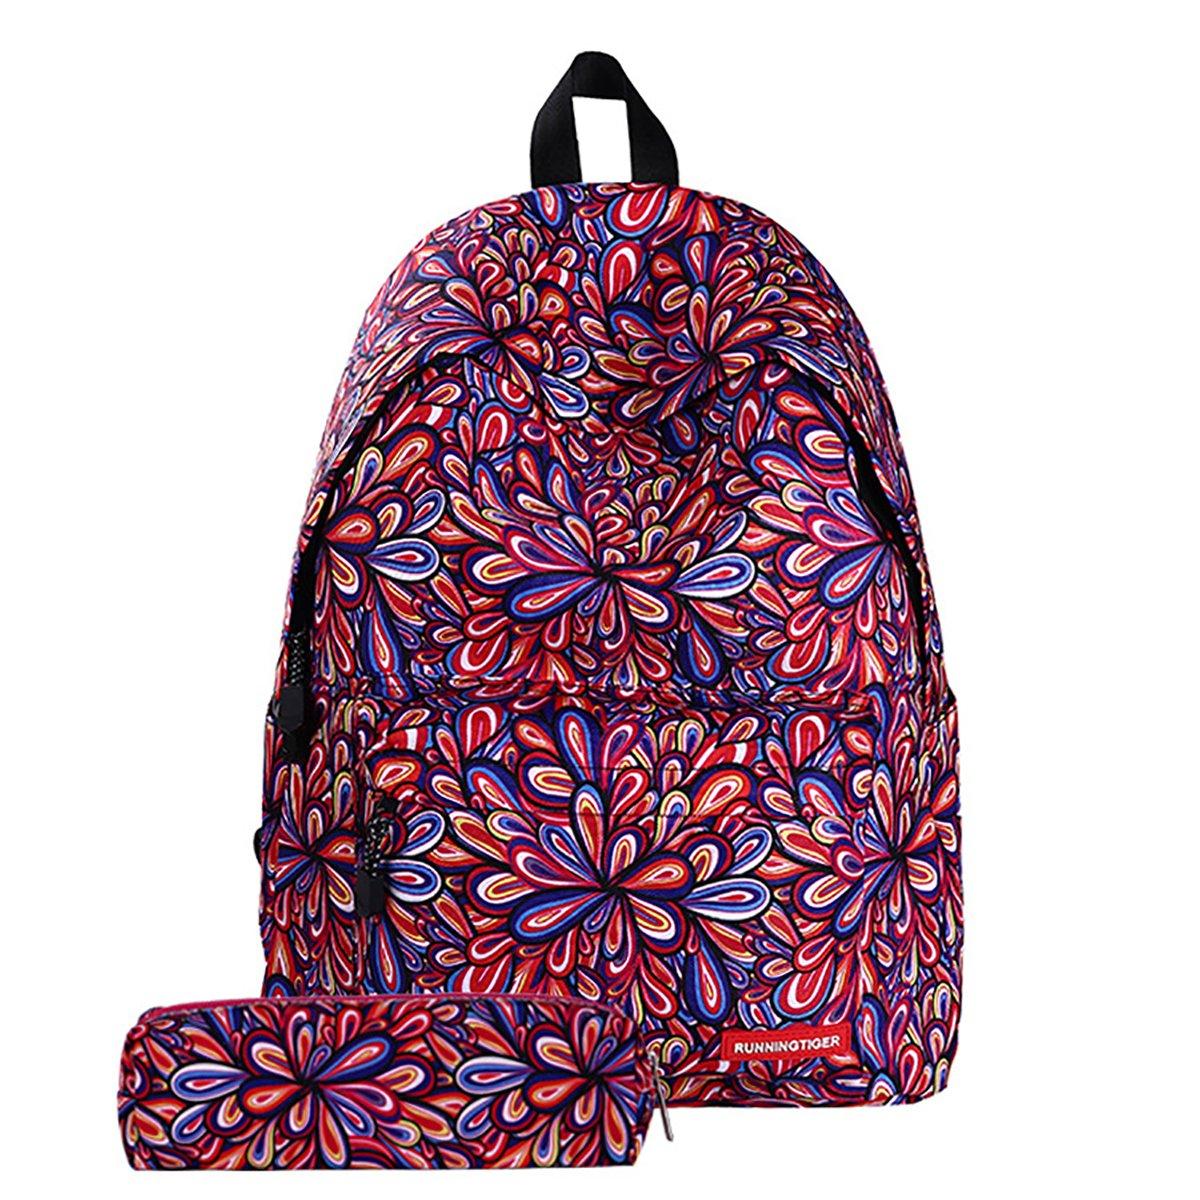 Zaino per Studenti, JOSEKO Galassia Modello Scuola Bookbag Borsa a tracolla Il computer portatile Zaino Daypack Blu Cielo # Astuccio JOSEKOukpursemall1340